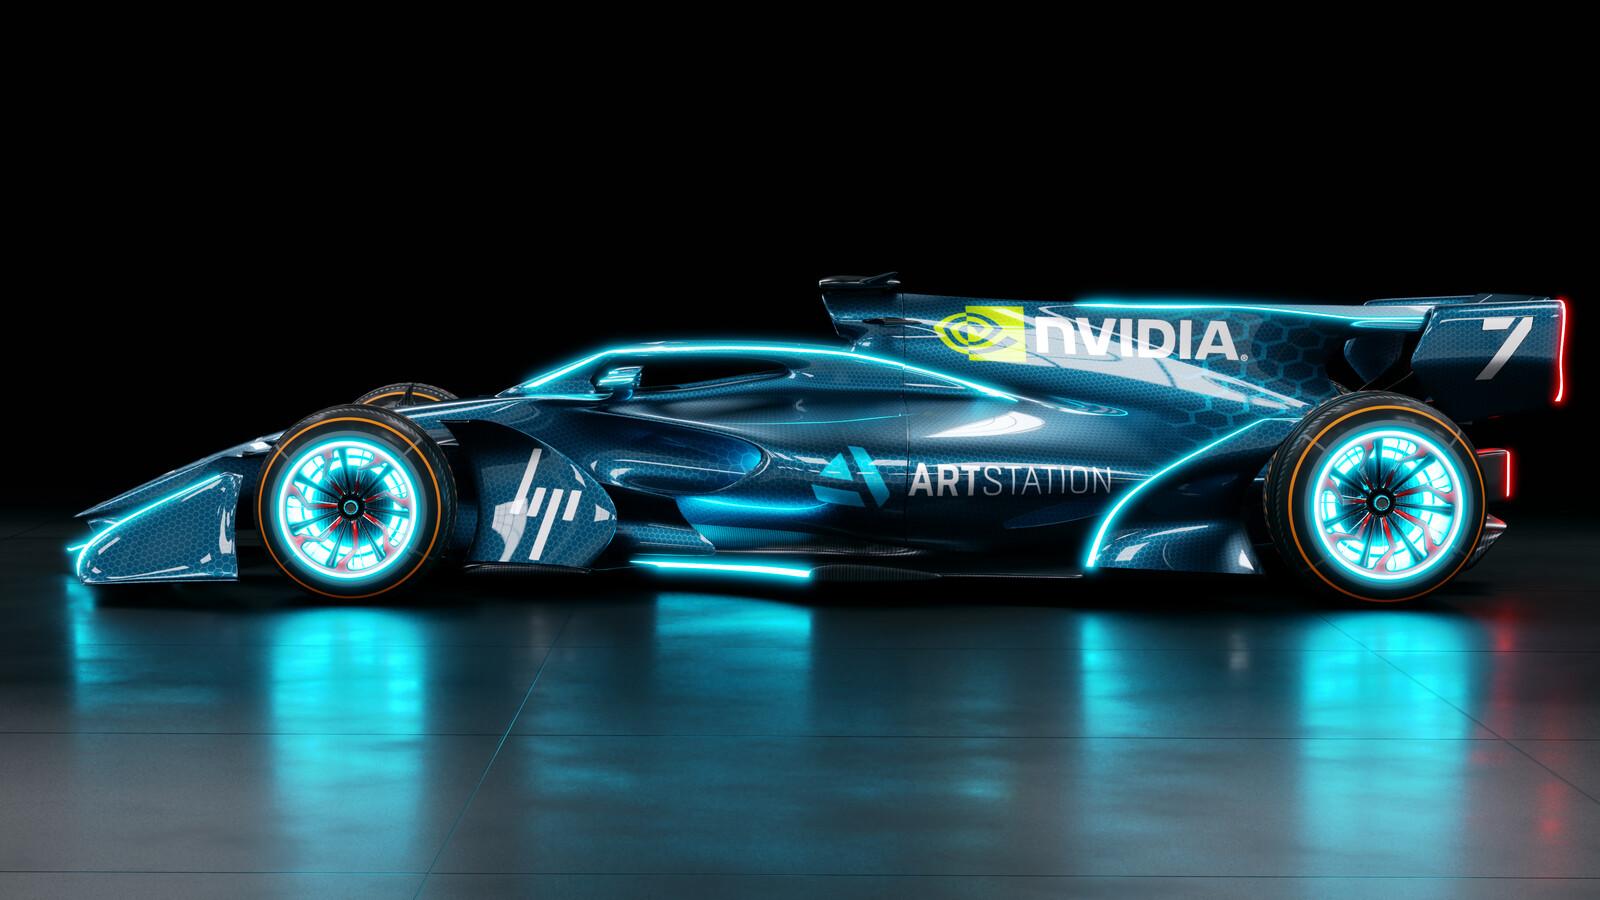 Futuristic F1 Car